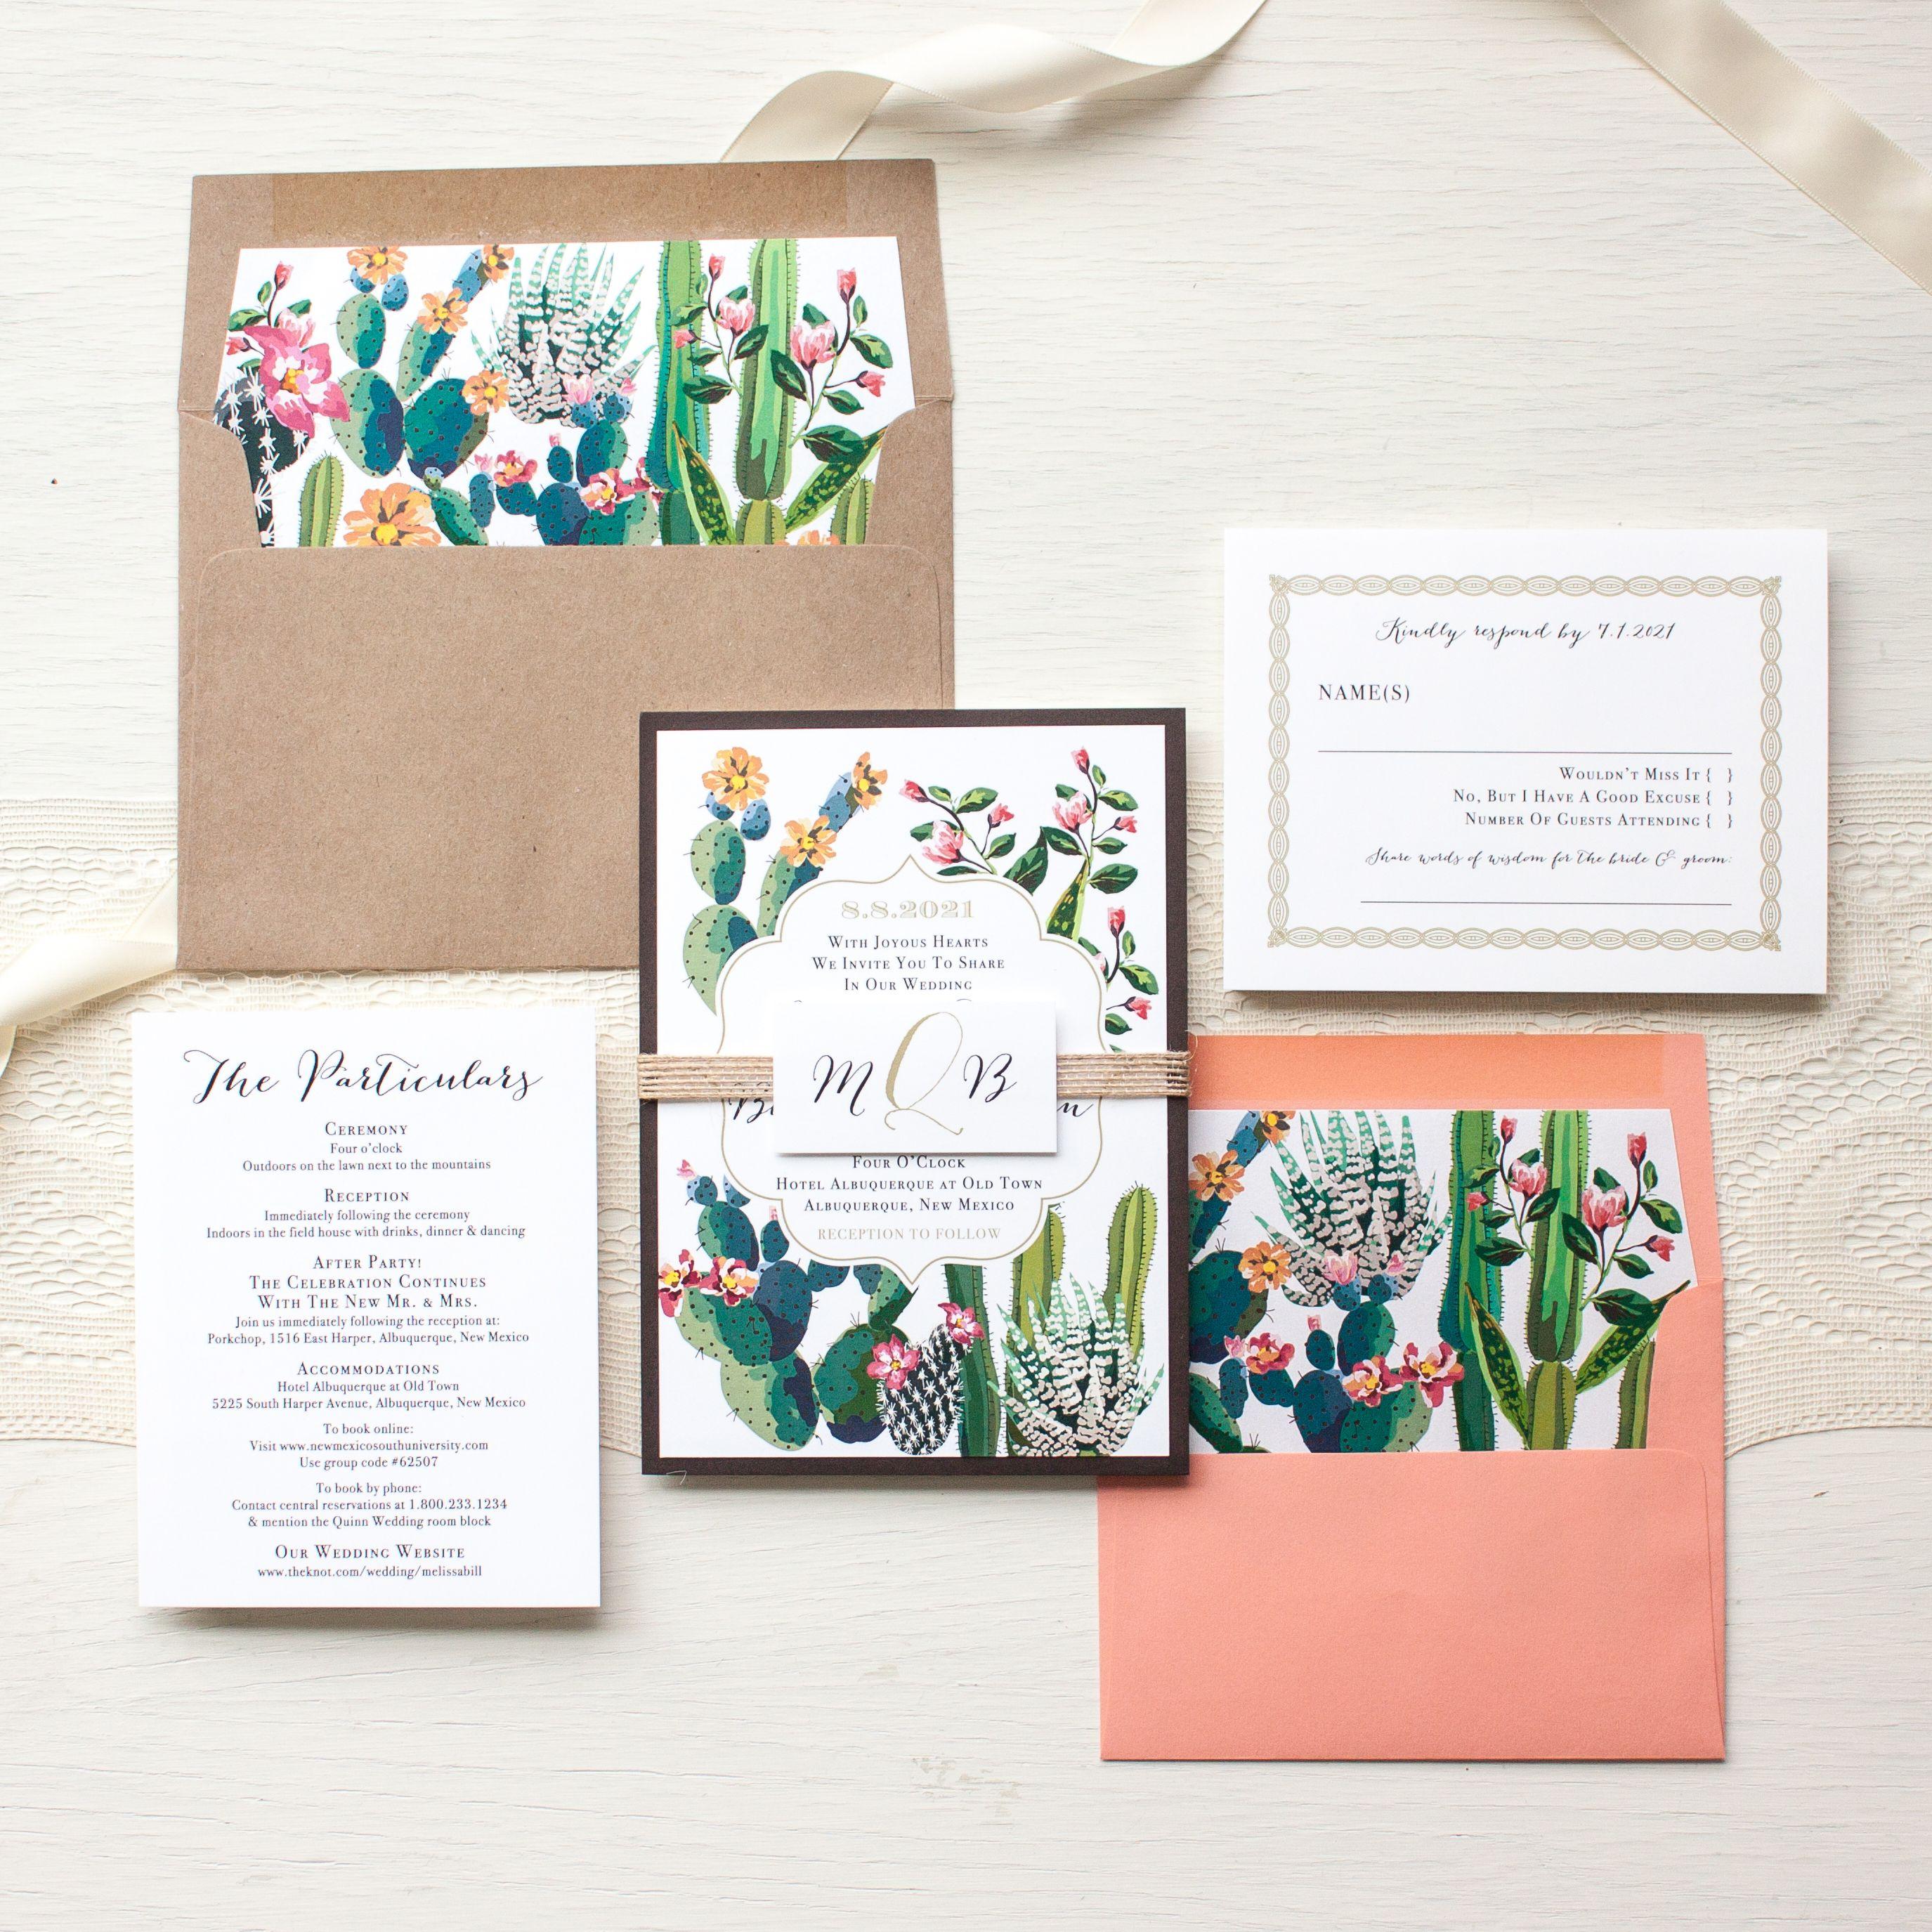 Desert Love Wedding Invitations | Cacti, Deserts and Kraft envelopes